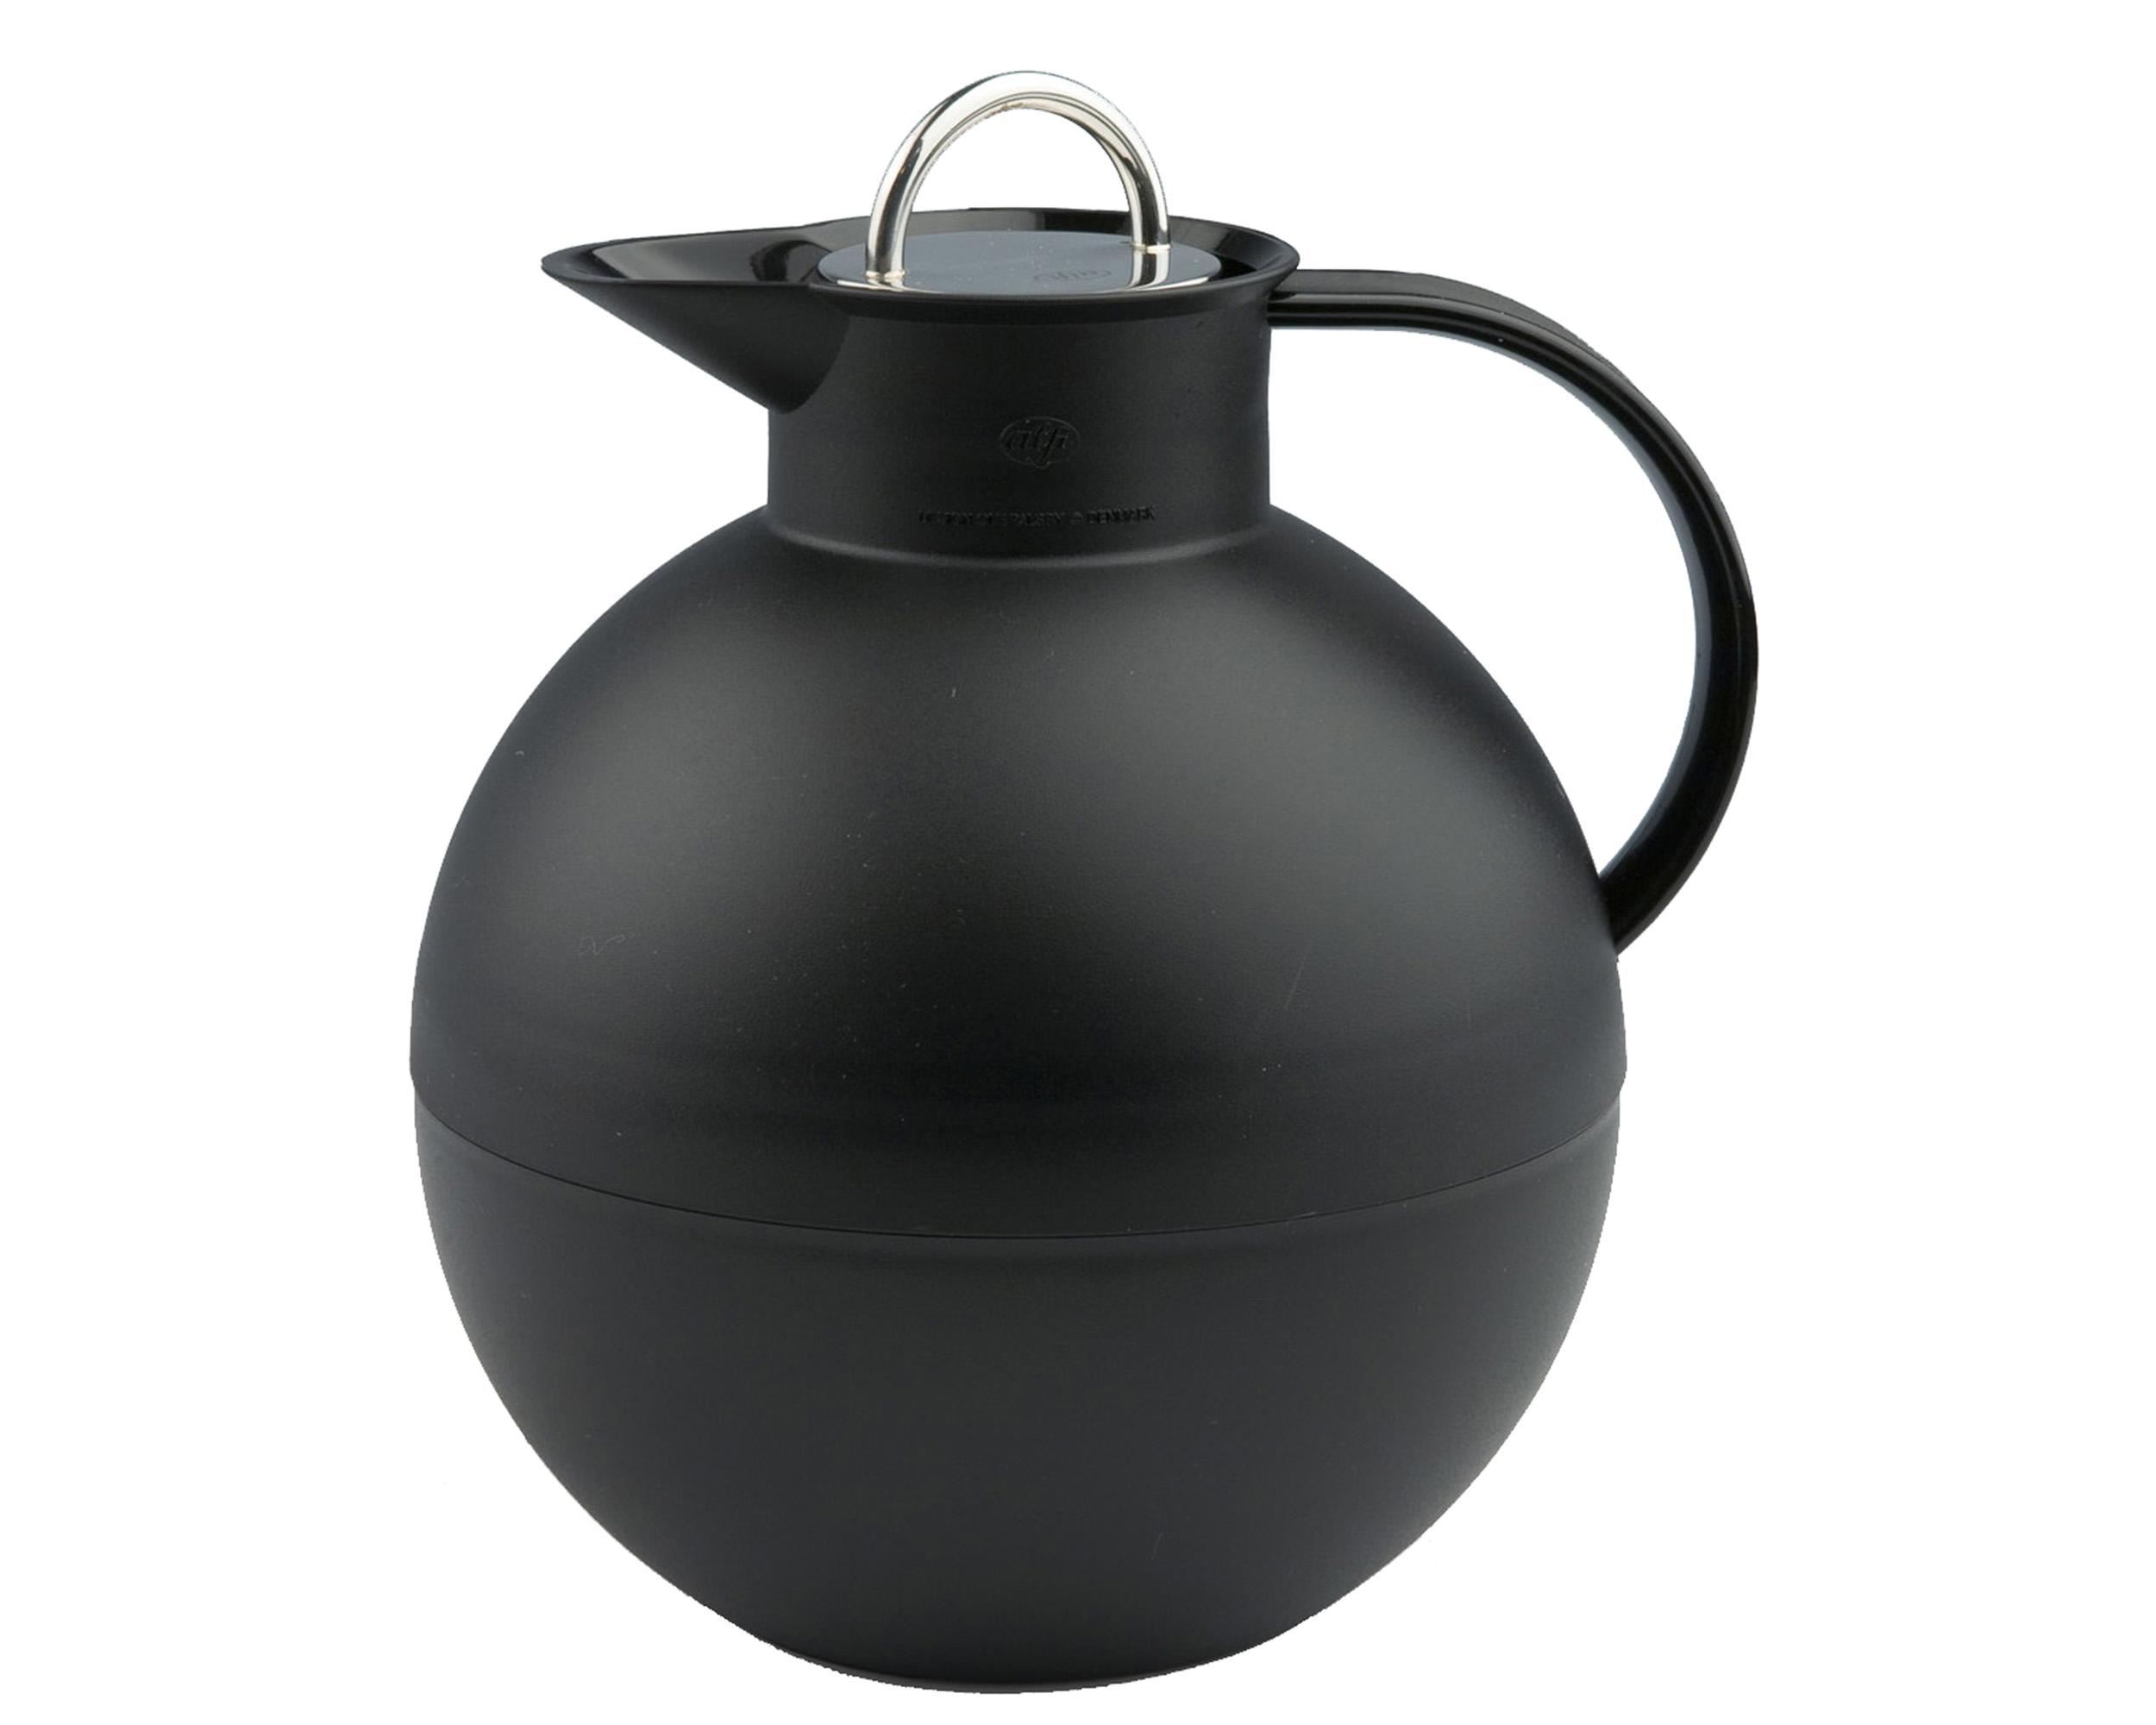 Kulan termoskanna frostad svart/blank stål 0,94 liter